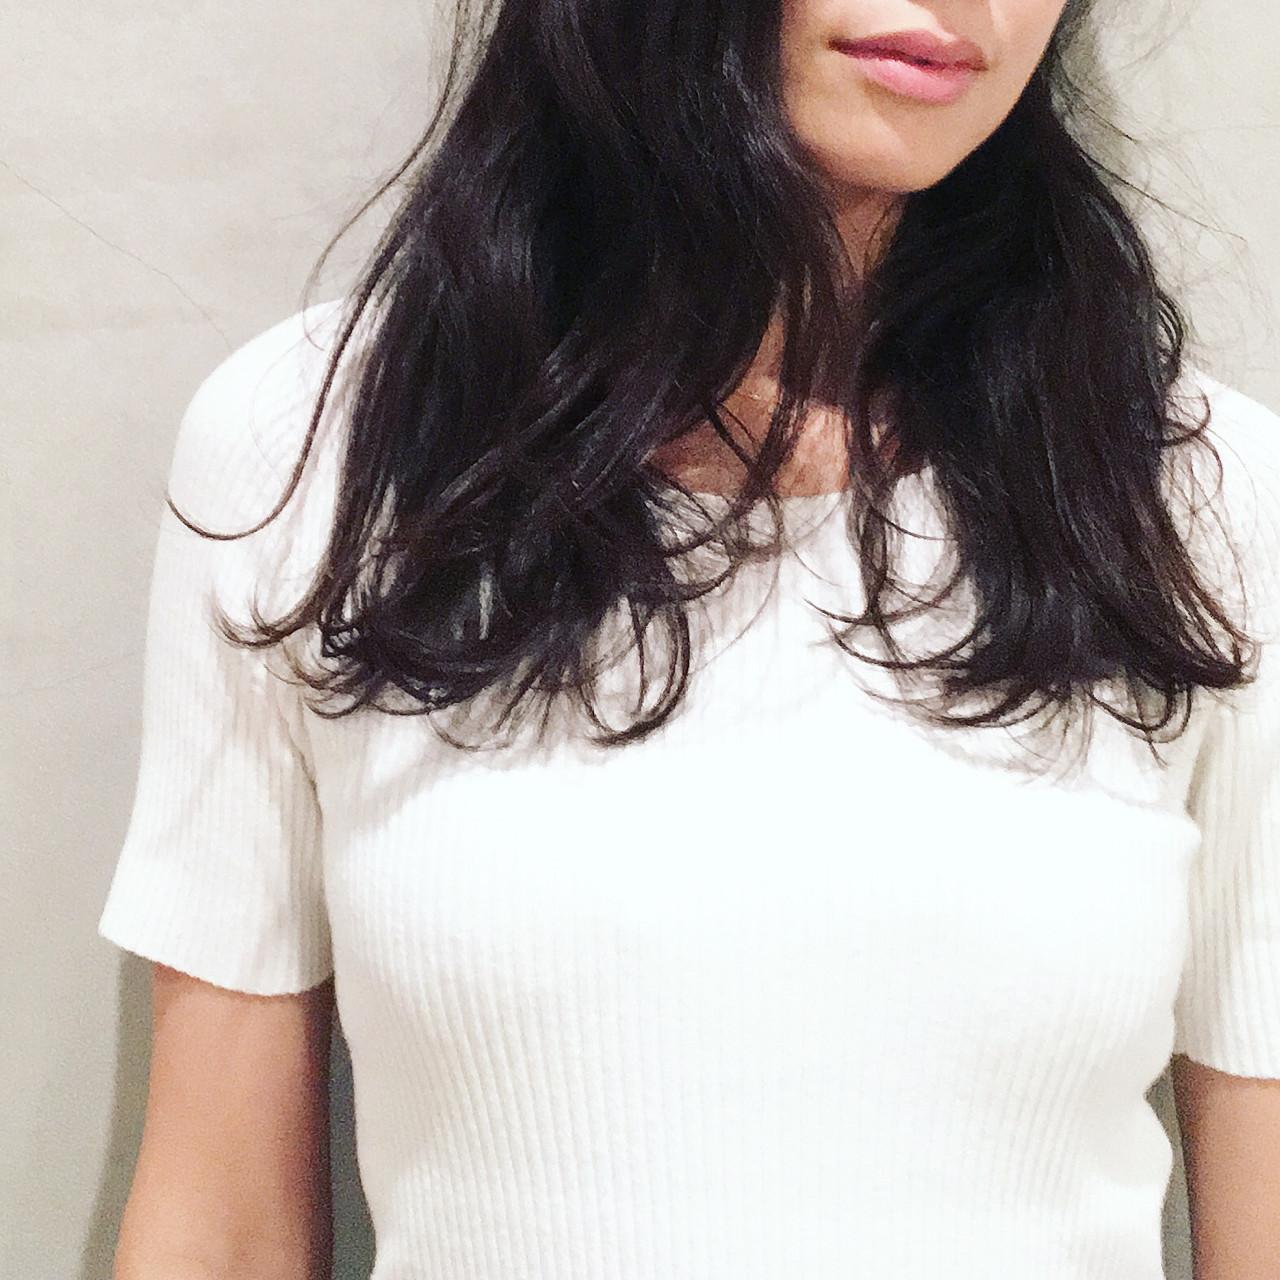 デジタルパーマ 黒髪 ロング カール ヘアスタイルや髪型の写真・画像